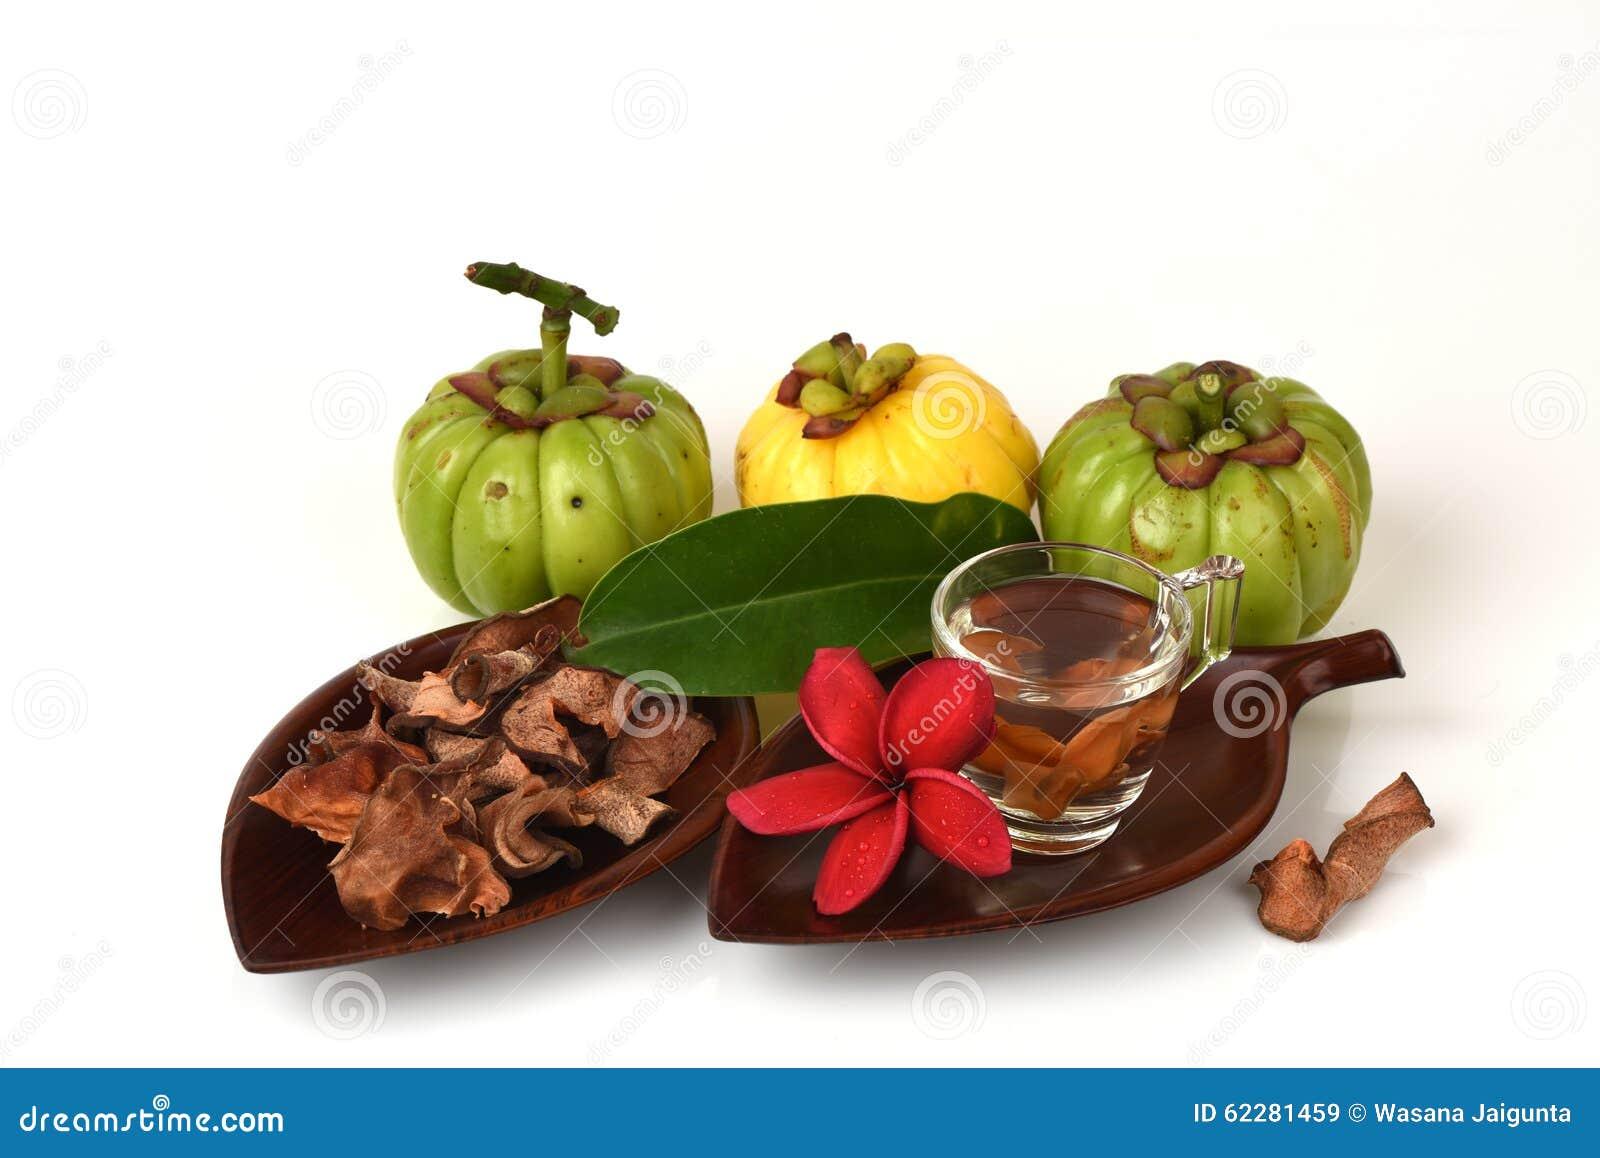 garcinia atroviridis fruit